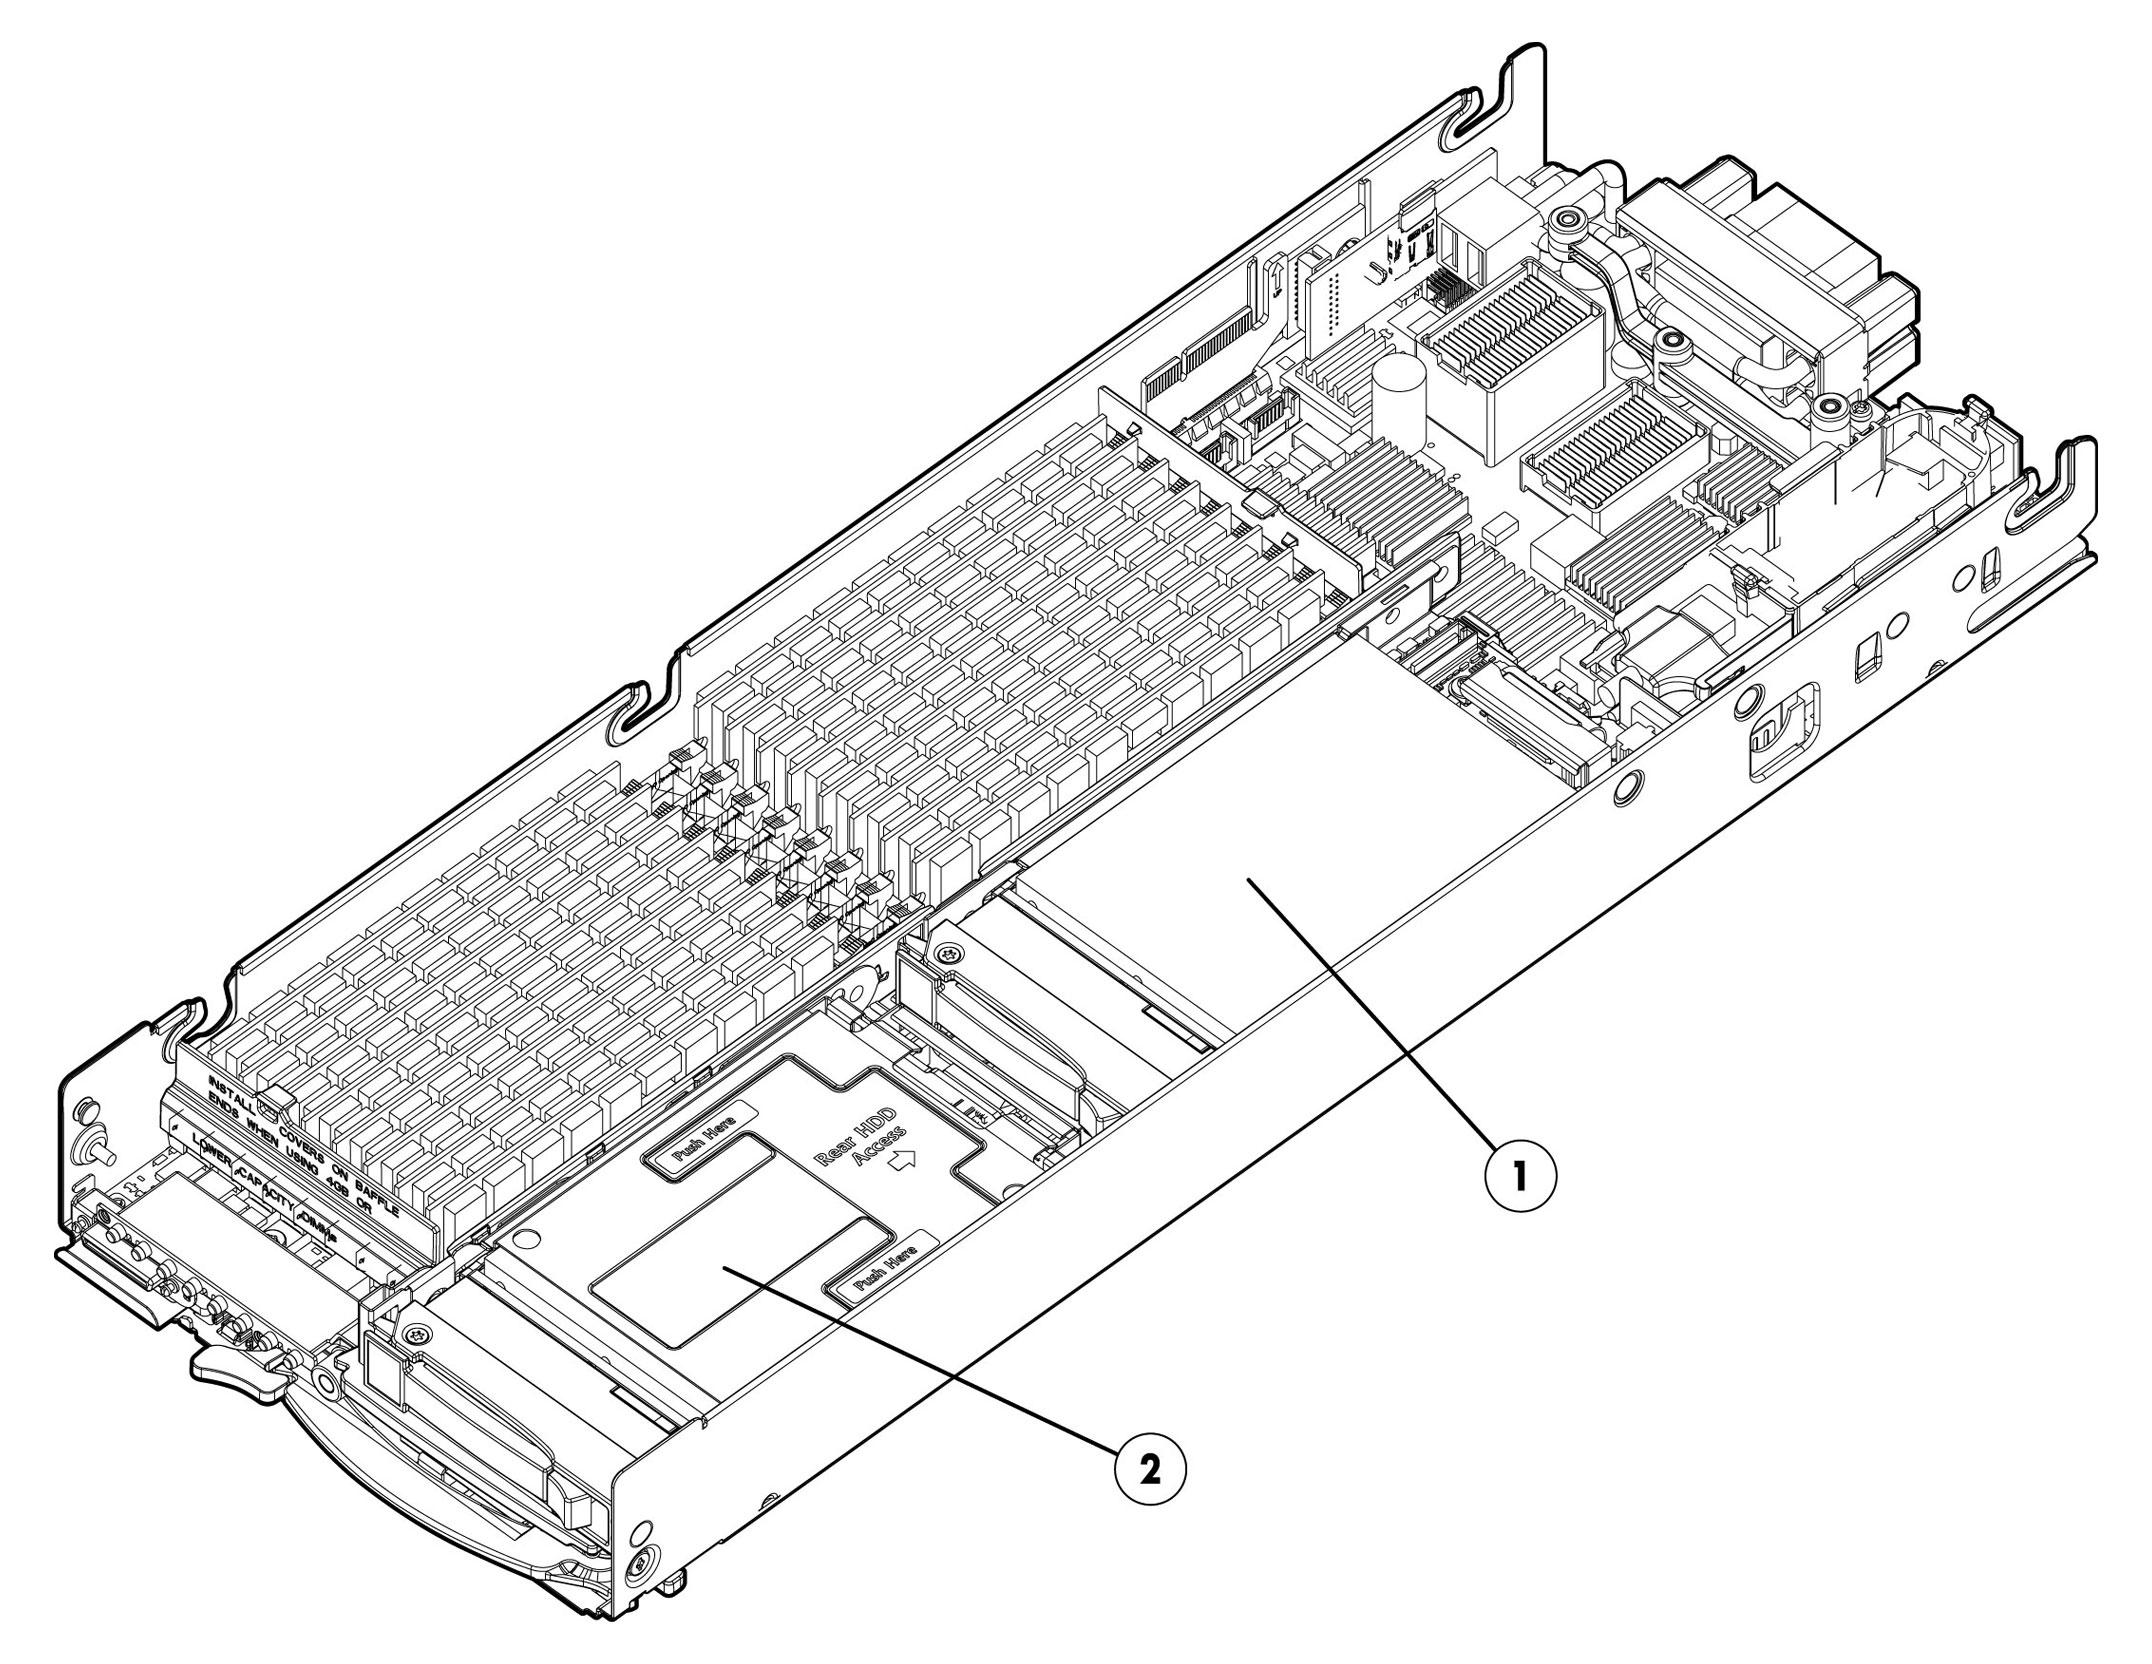 Hp Proliant Bl465c G7 Quickspecs